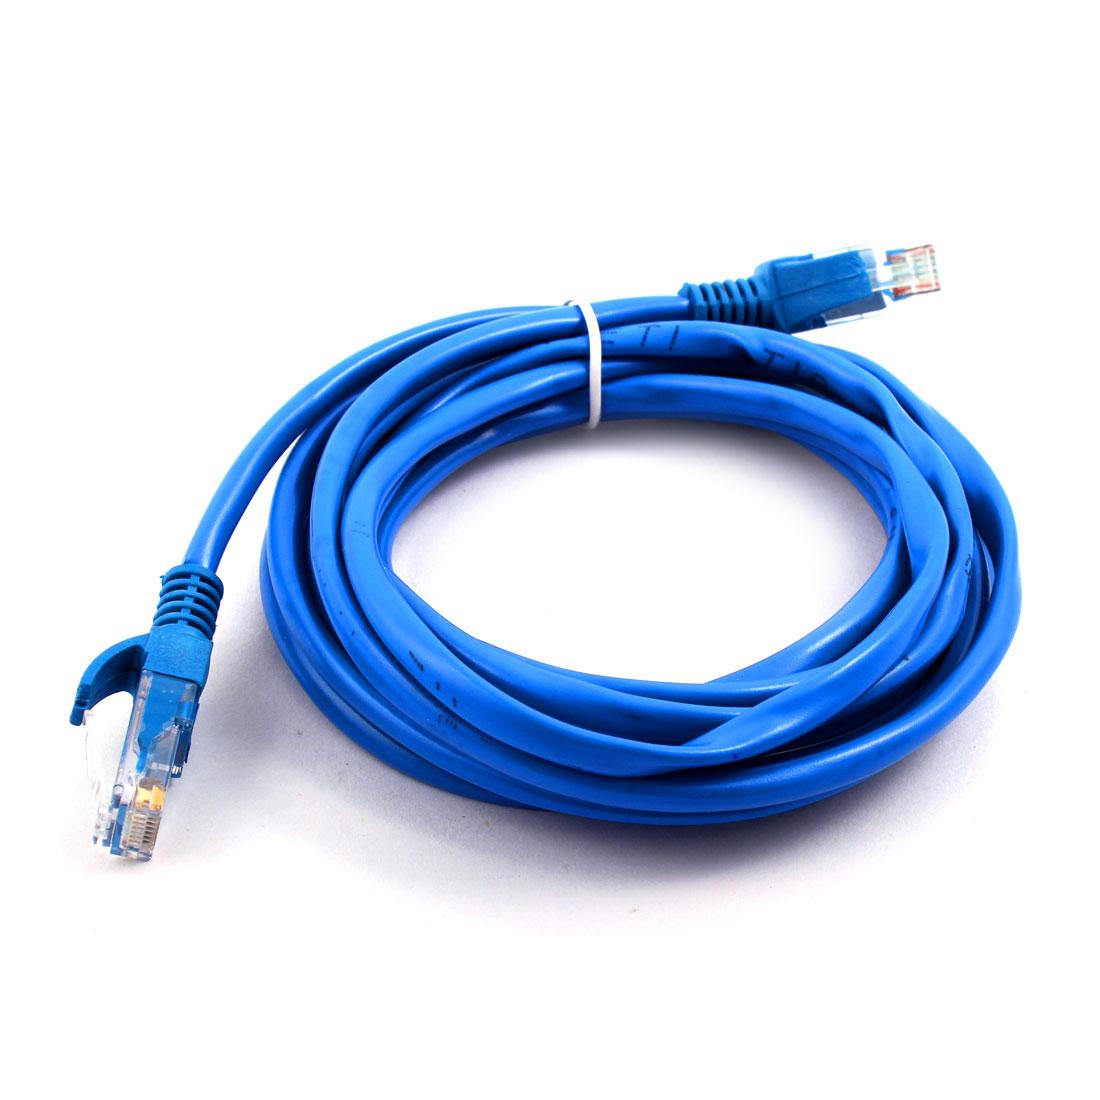 8.53Ft 2.6M RJ45 8P8C Cat5e Patch Ethernet LAN Computer Network Cable Cord Blue